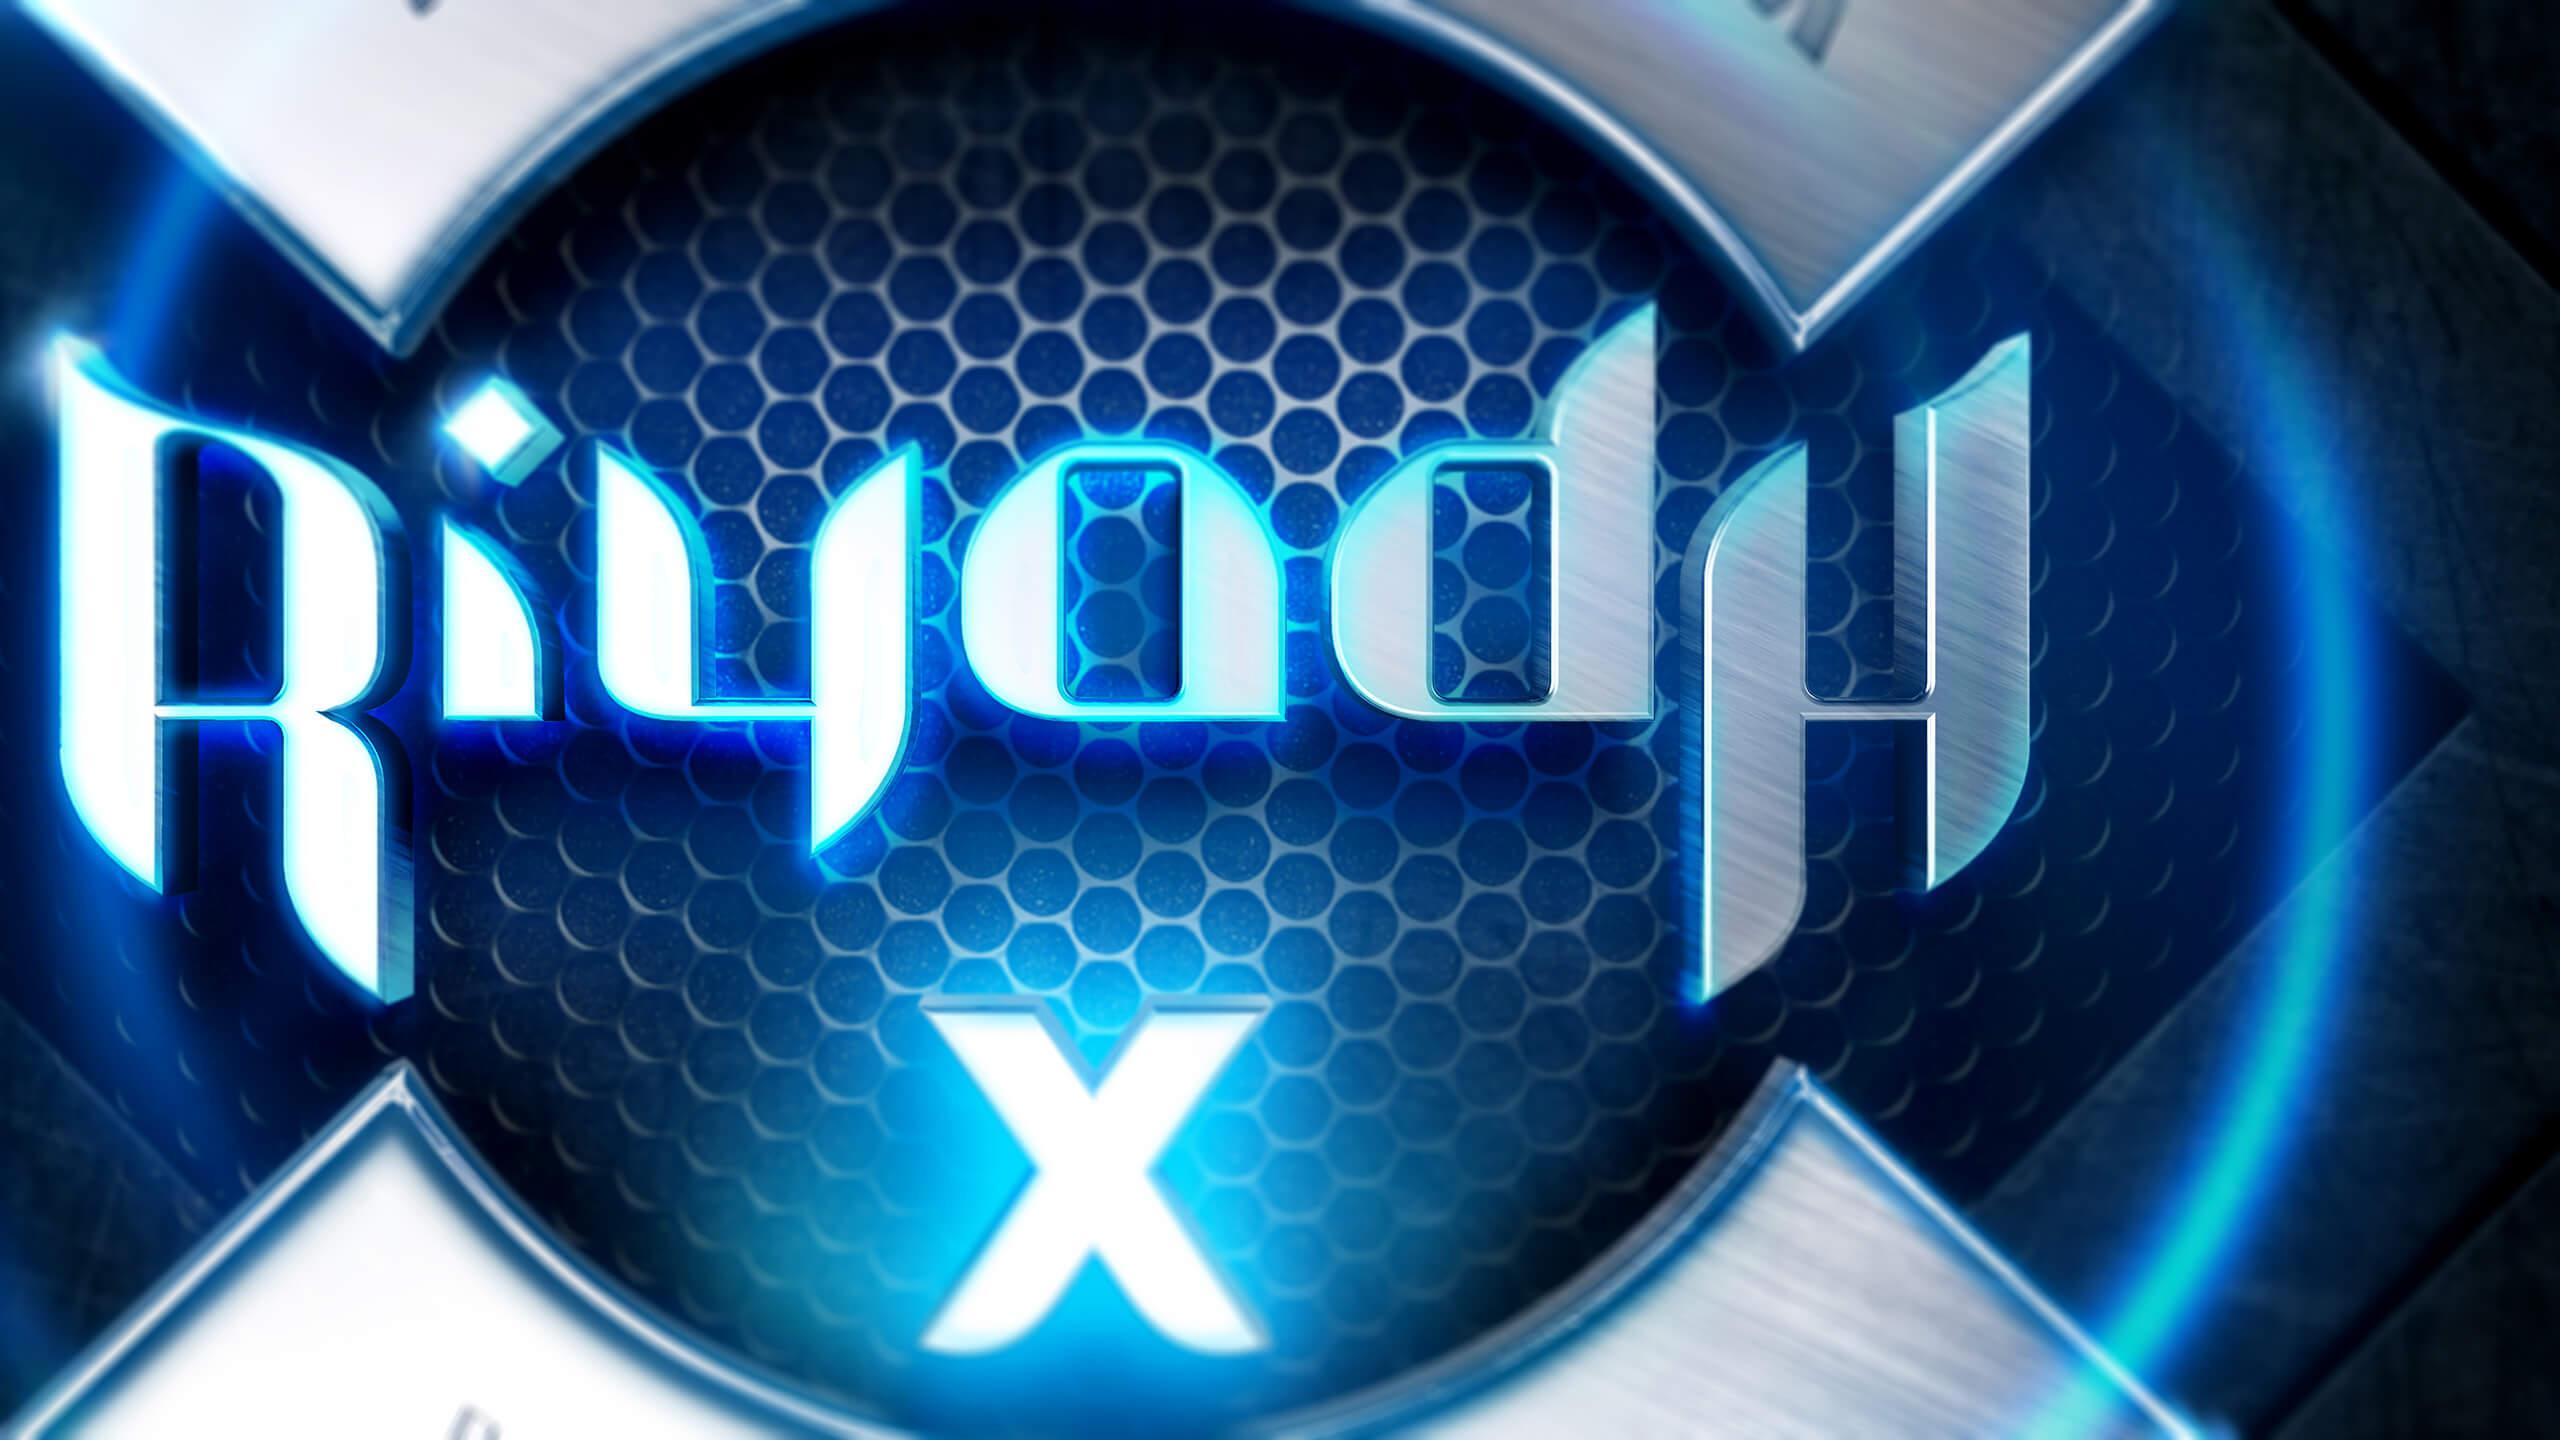 close-up-riyadh